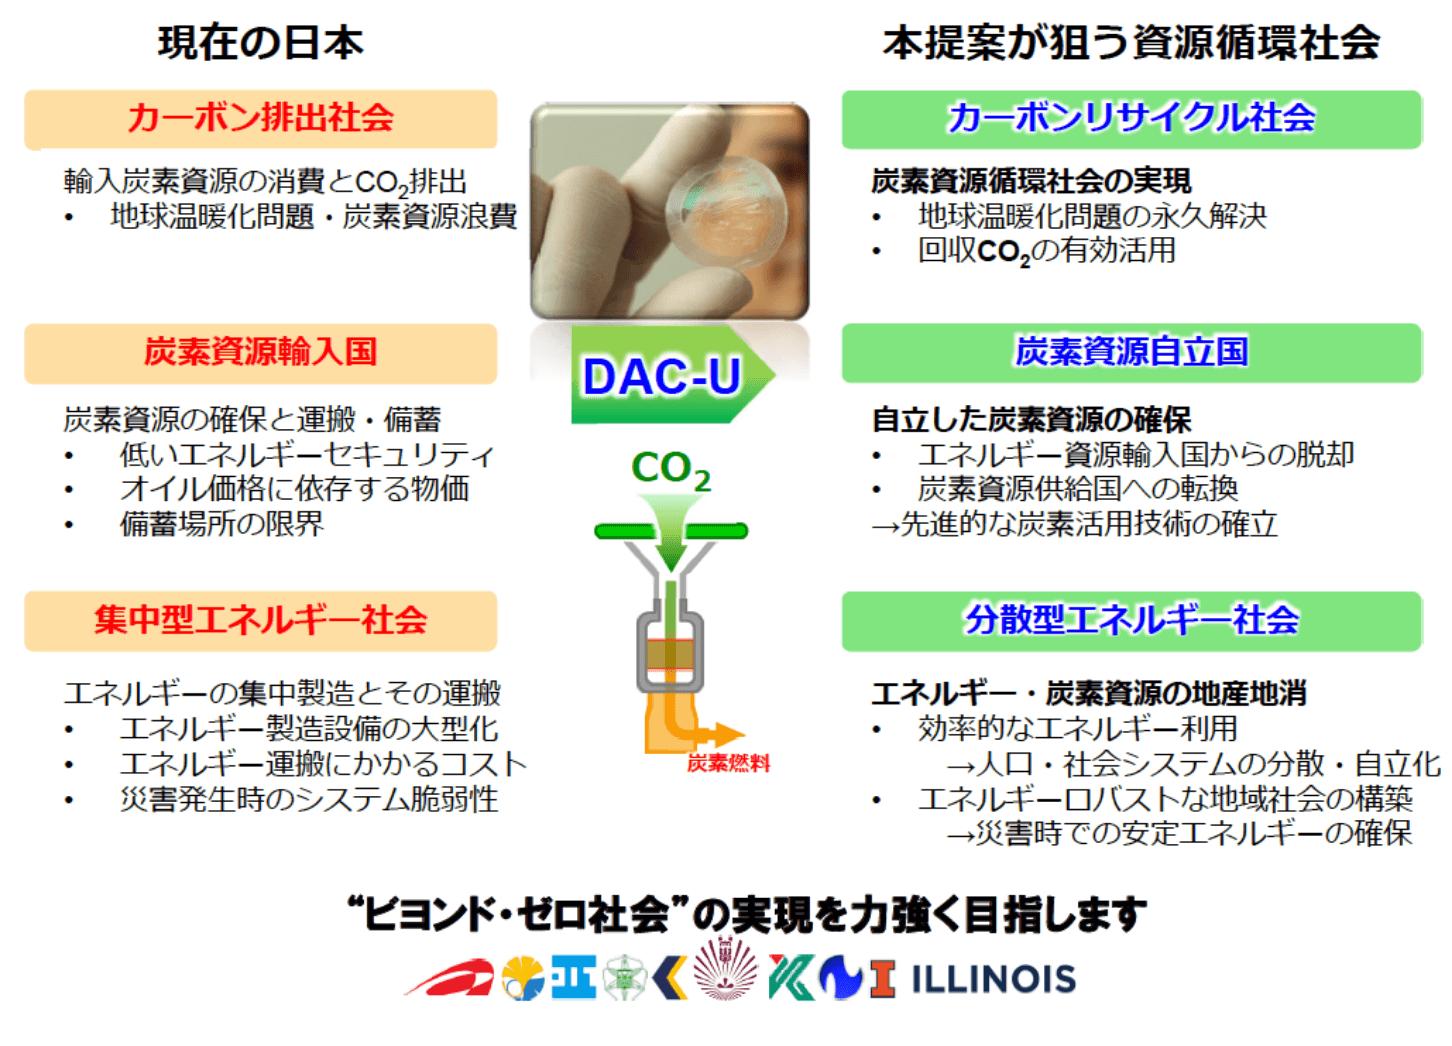 分離ナノ膜が実現する分散型DAC-Uシステムの可能性